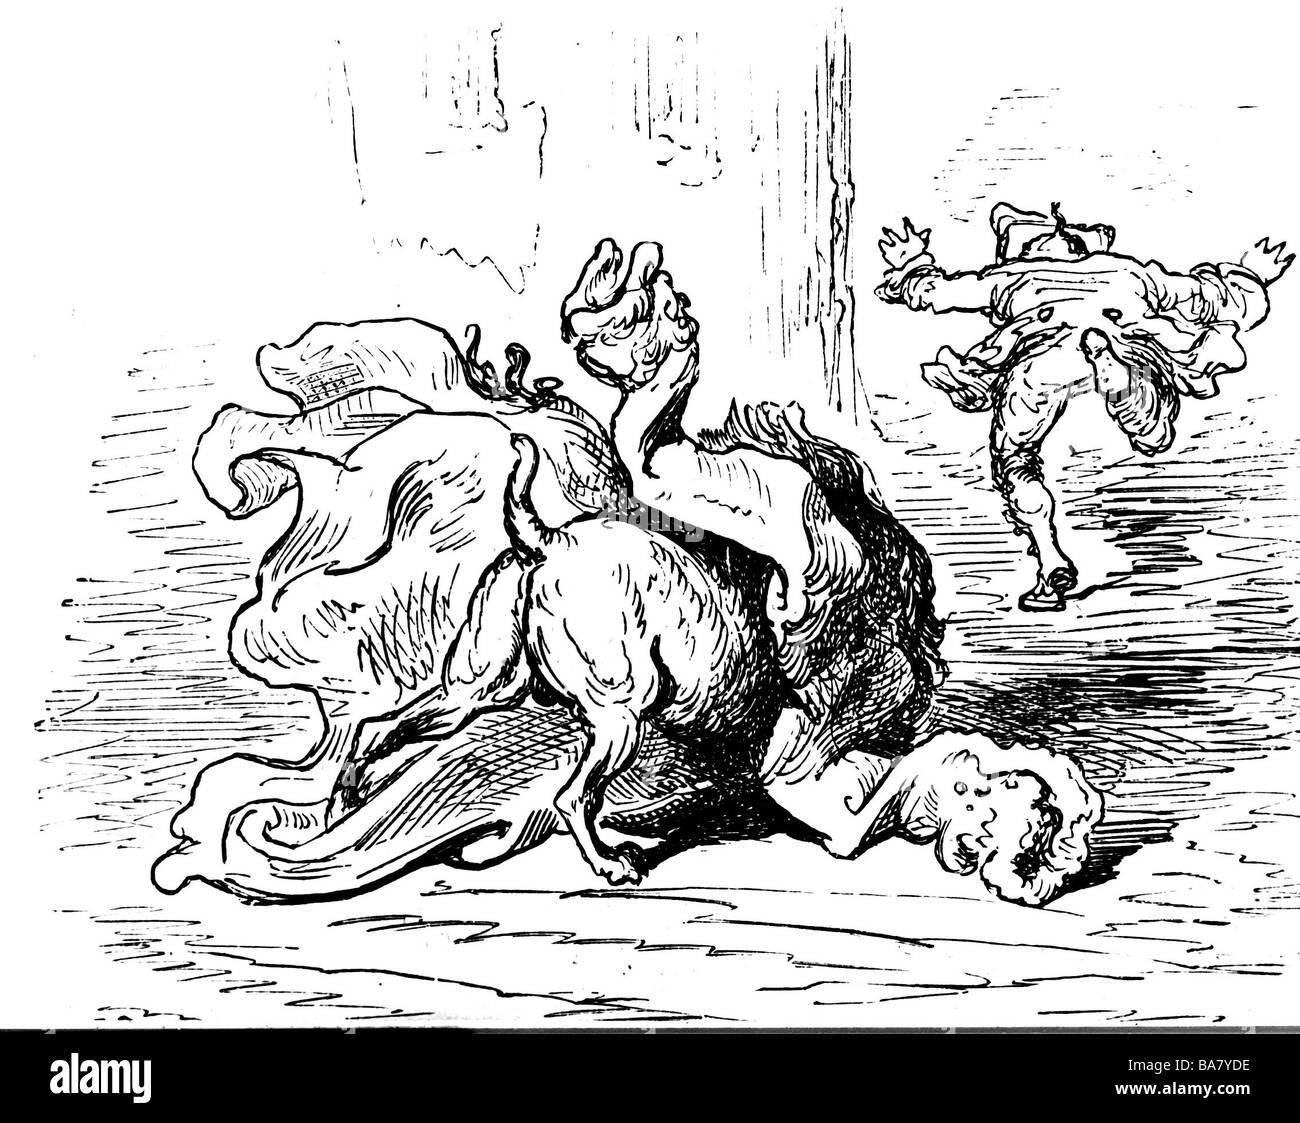 Münchhausen, Barón Karl Friedrich Hieronymus, Freiherr von, 11.5.1720 - 22.2.1797, el trabajo, escena de sus aventuras: Su perro está luchando con su abrigo, grabado en madera siglo 19, Munchhausen, Muenchhausen, , Foto de stock